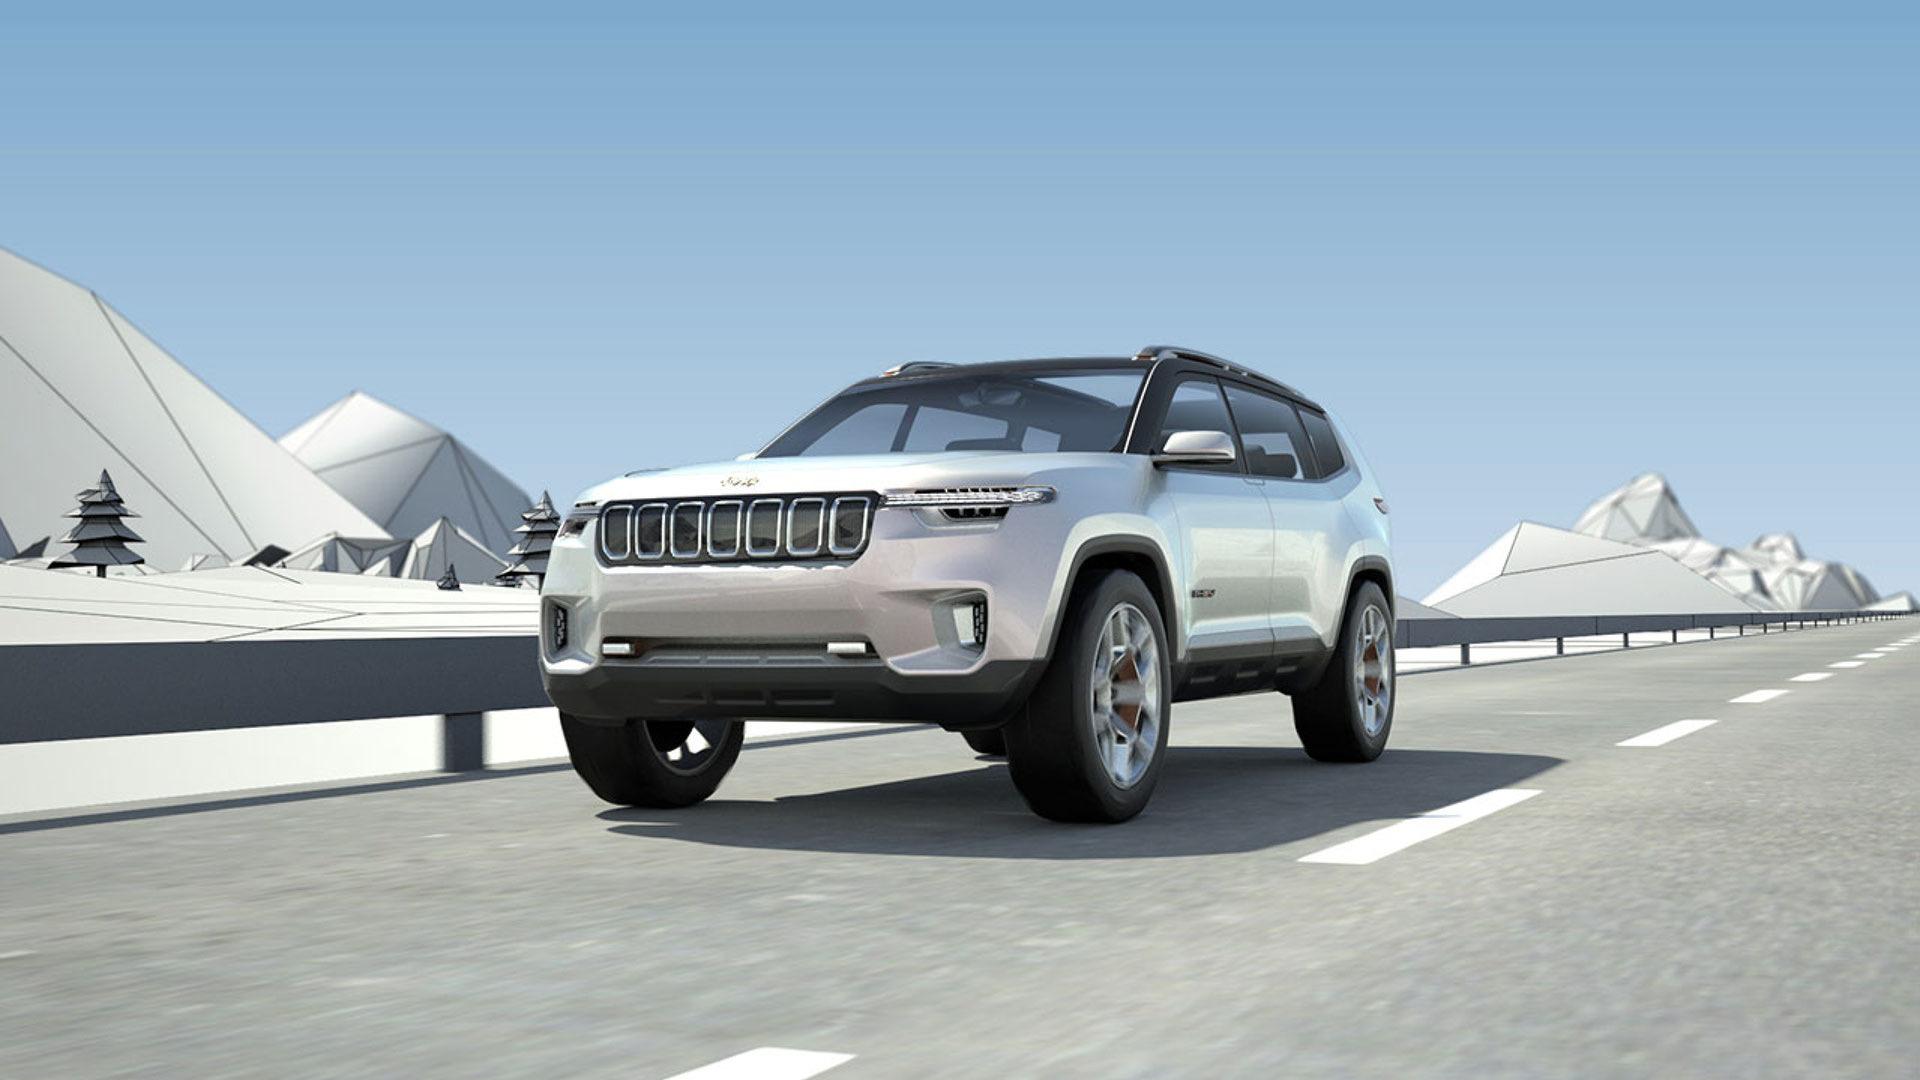 Jeep привез в КНР  немалый  джип  с11 мониторами